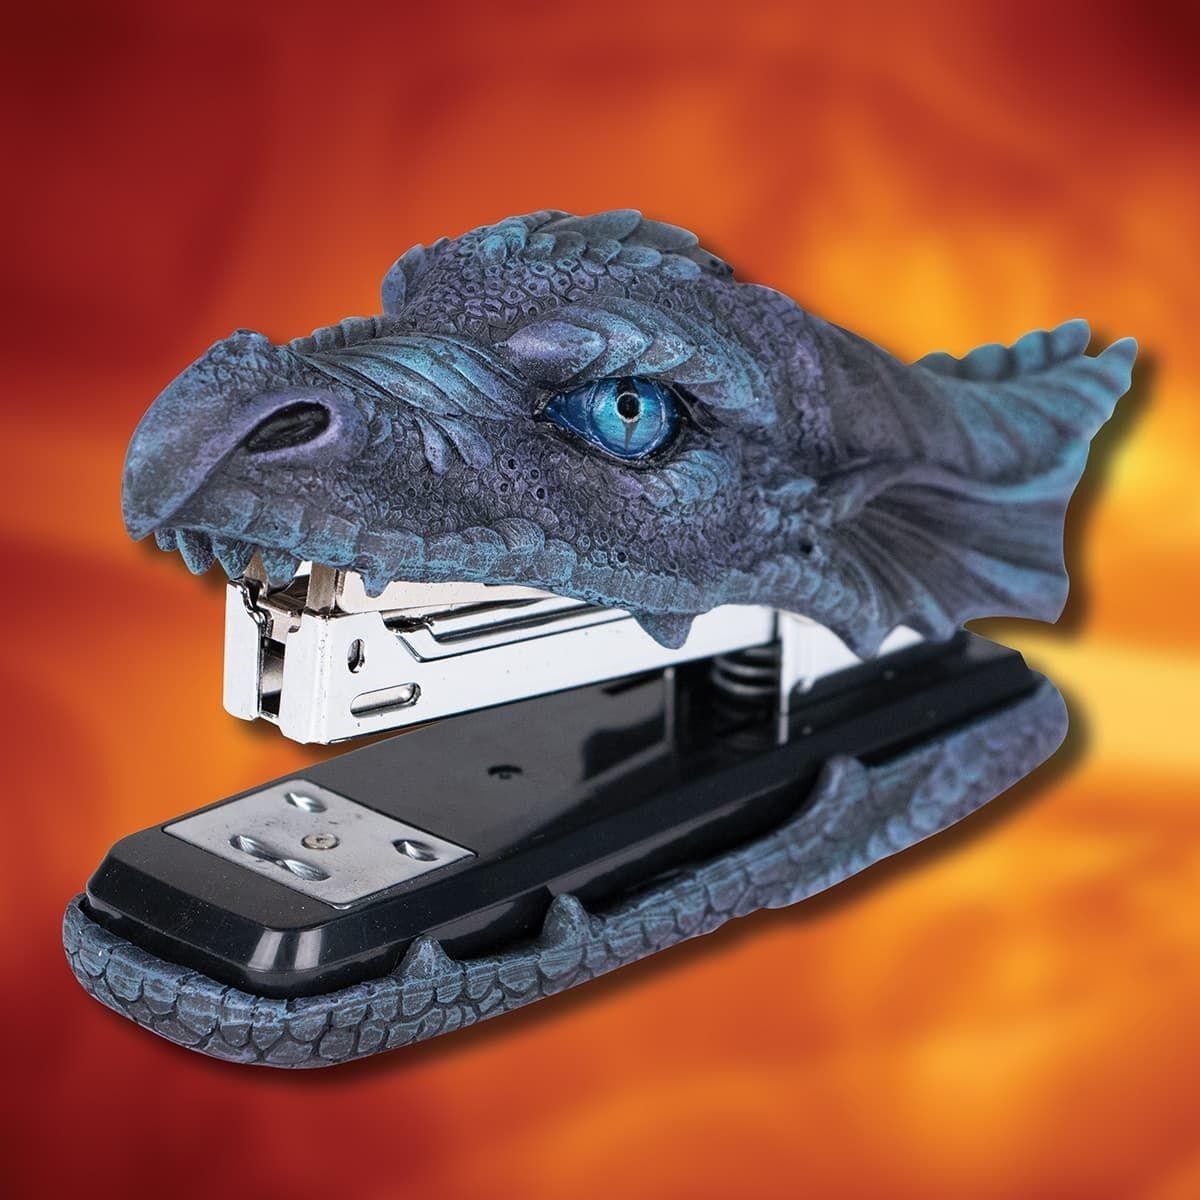 Blue Dragon Stapler